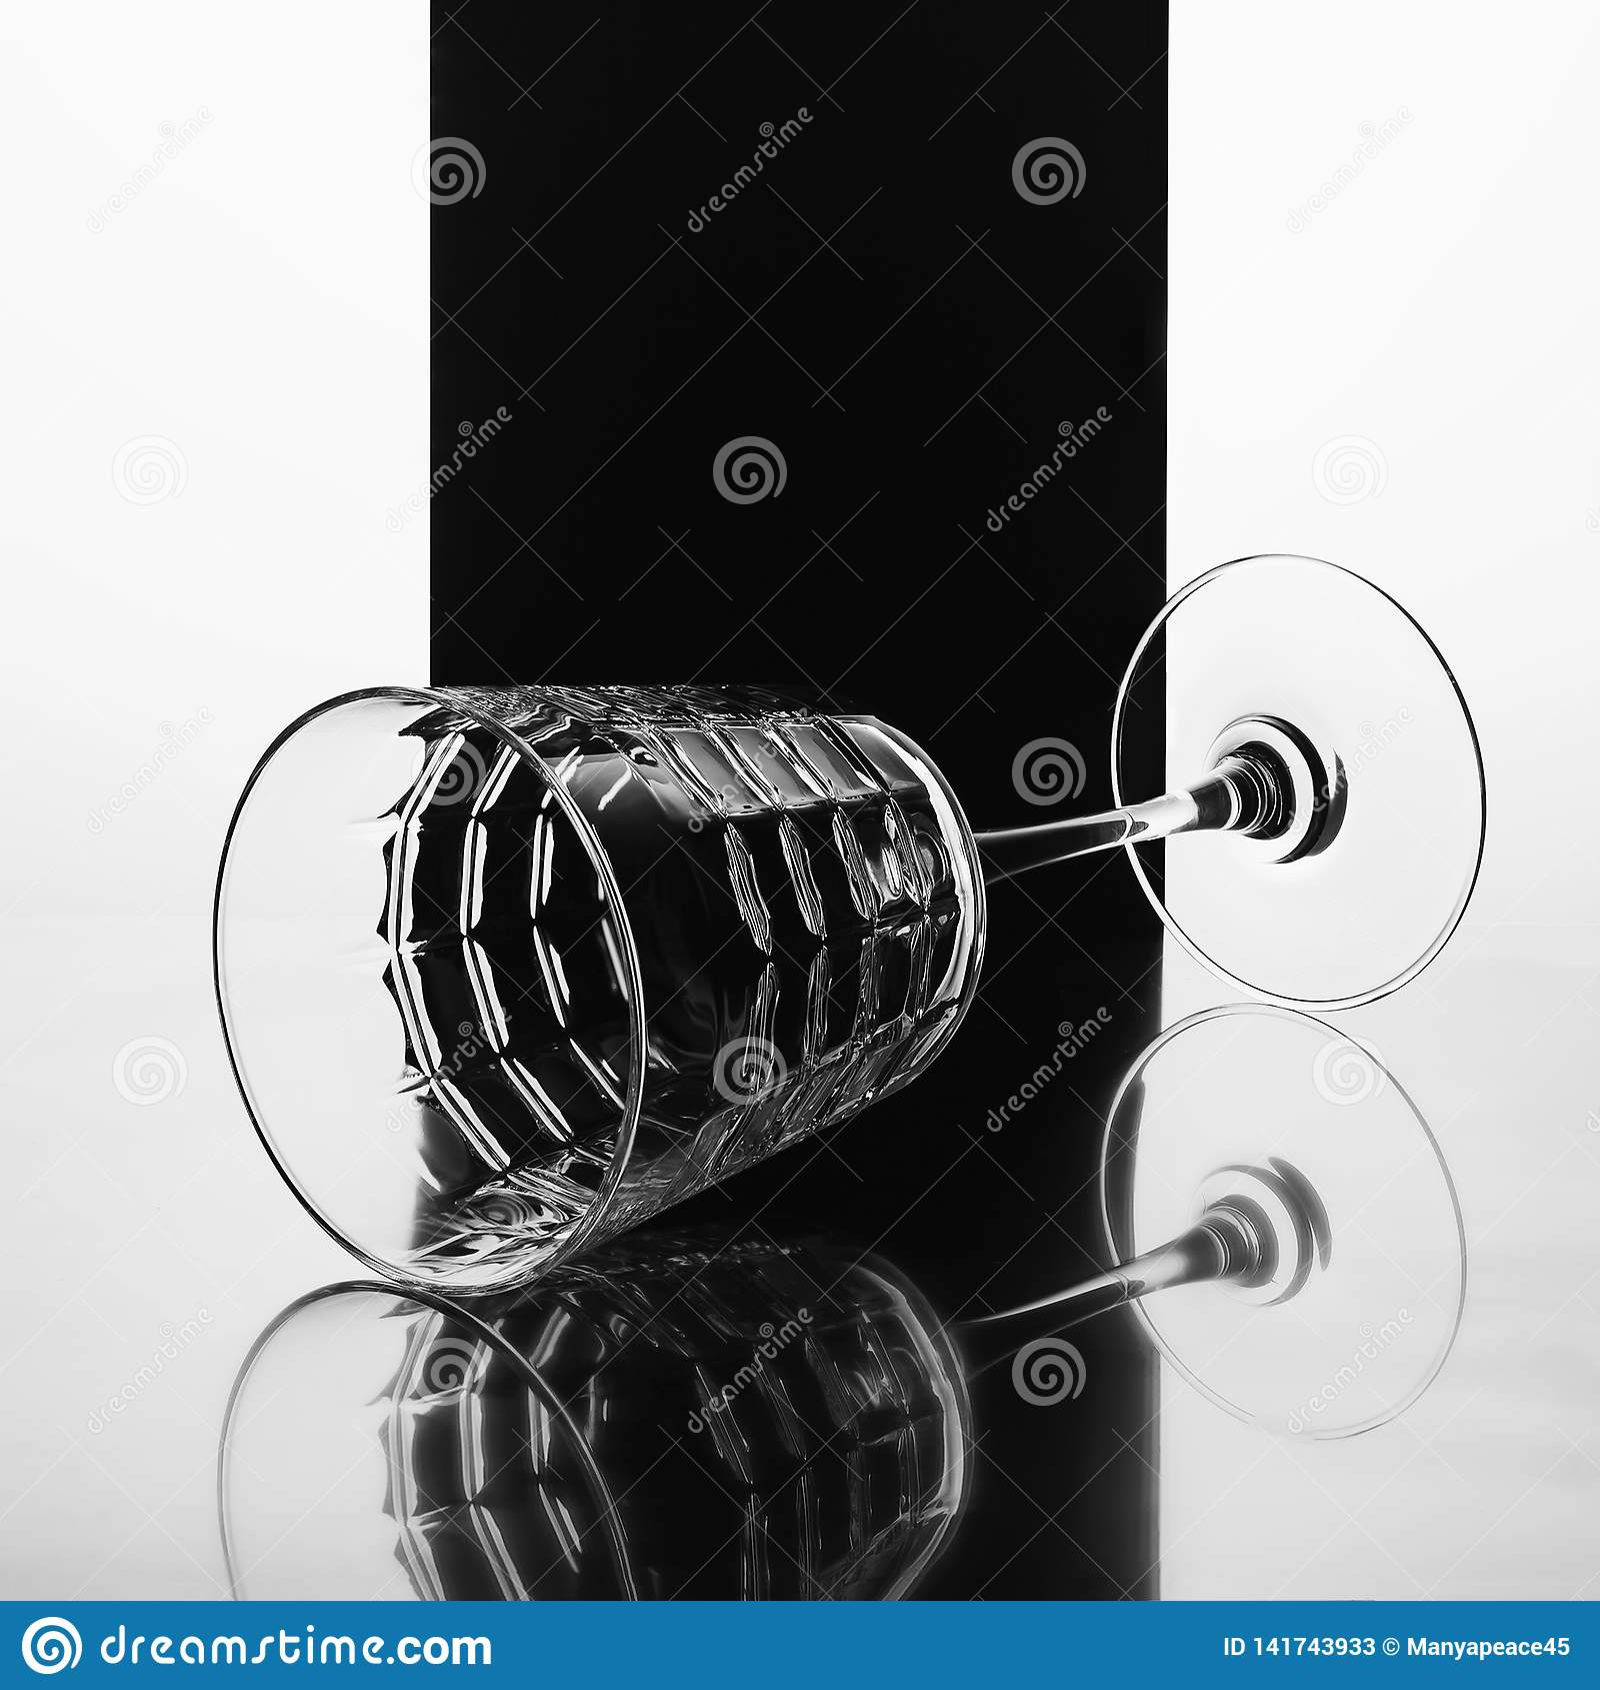 Vinho, vidro, luxo-álcool, fundo preto, reflexão, imagem preto e branco